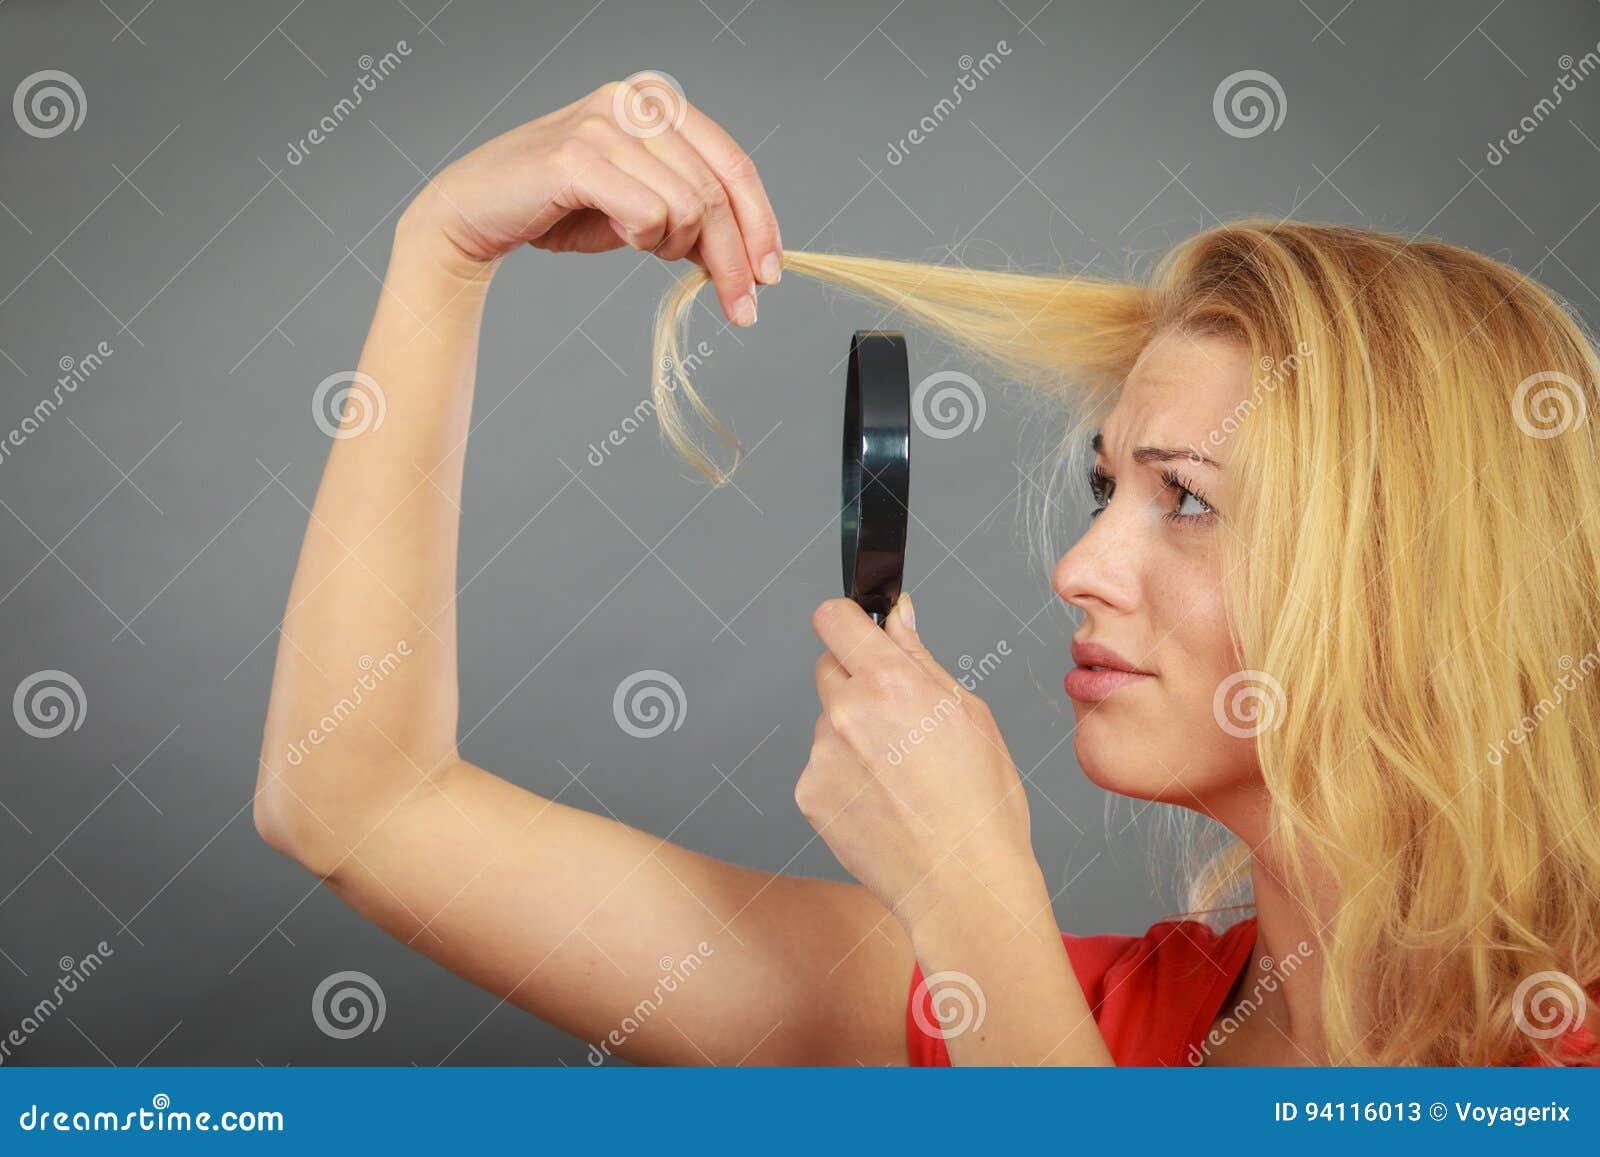 Thumbs through her hair